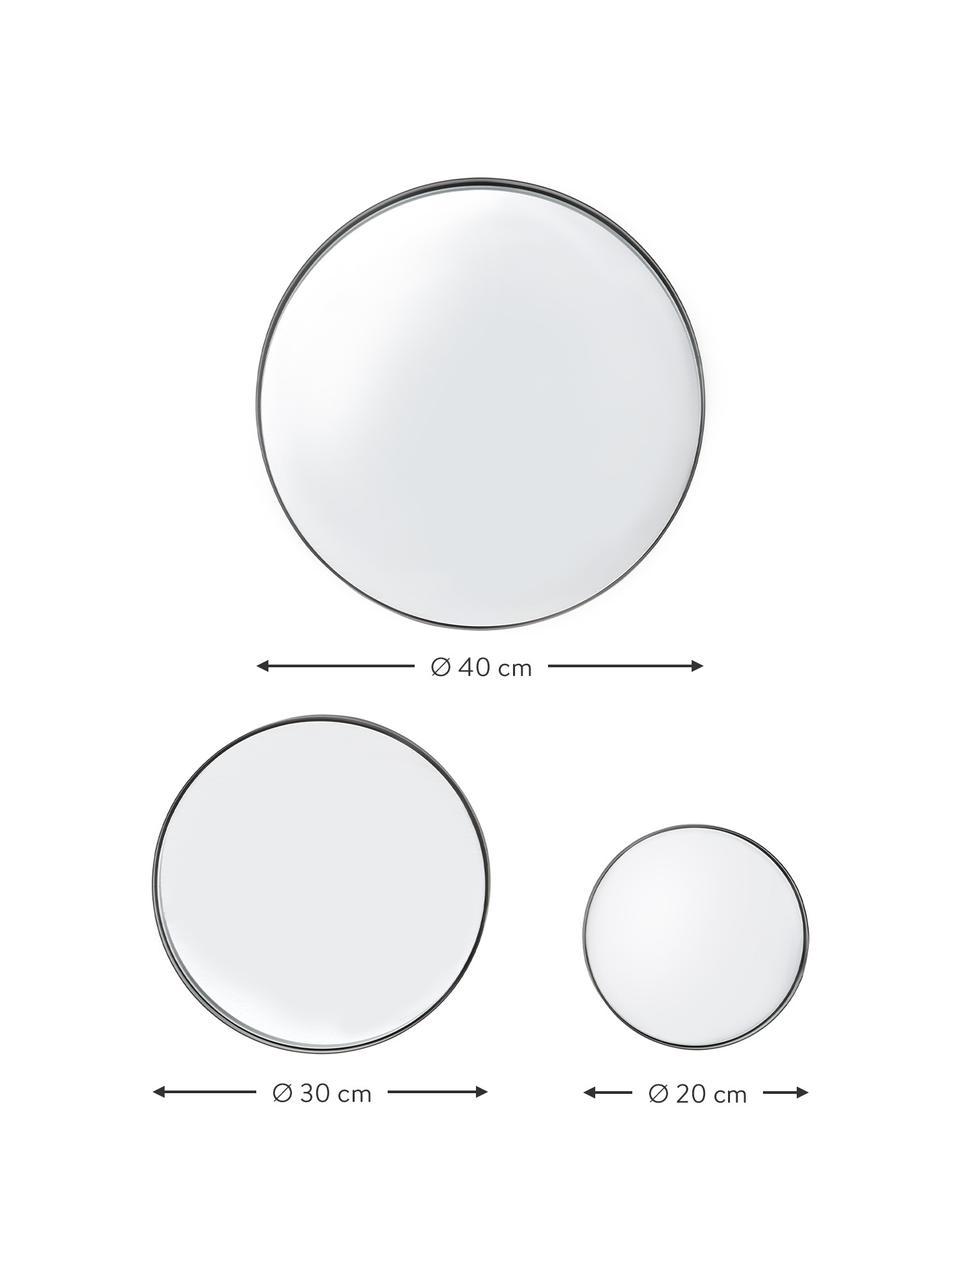 Wandspiegel-Set Ivy mit schwarzem Rahmen, Rahmen: Metall, verzinkt, Spiegelfläche: Spiegelglas, Rückseite: Mitteldichte Holzfaserpla, Schwarz, Set mit verschiedenen Größen